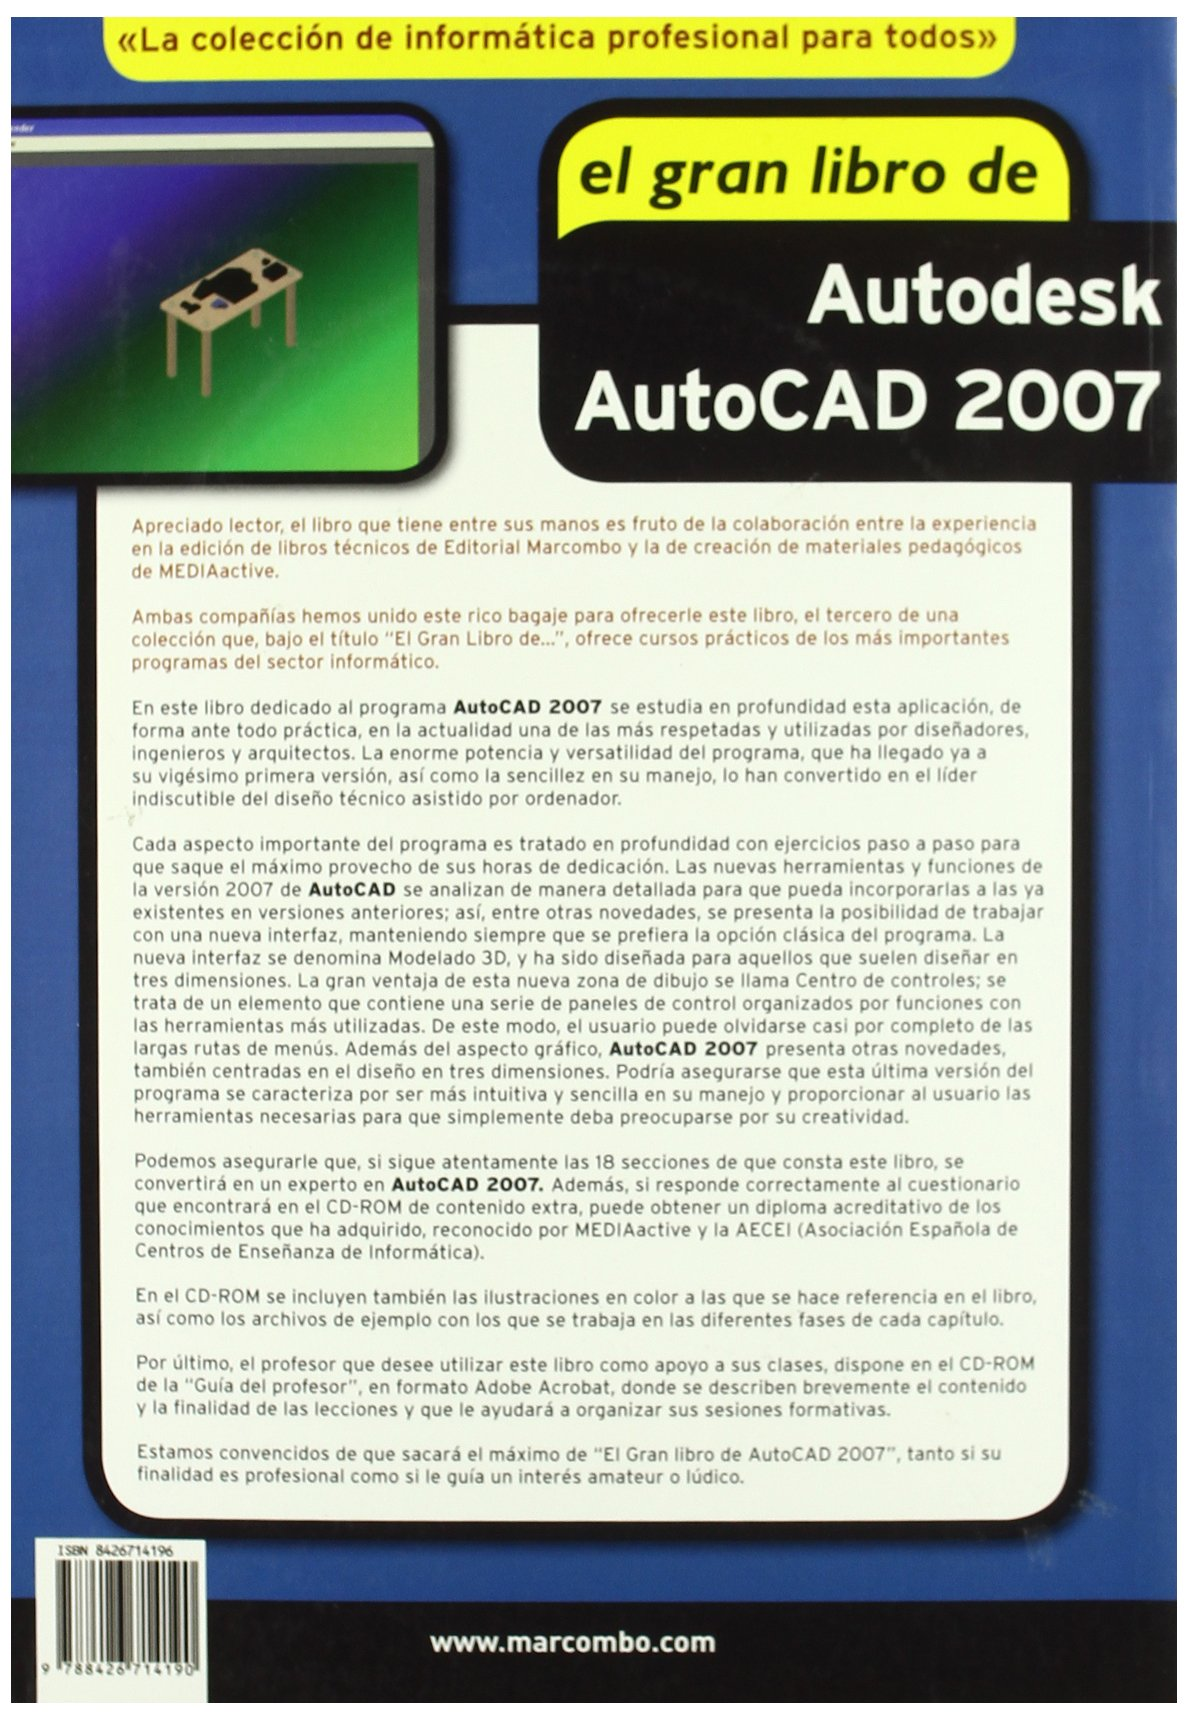 El Gran Libro de Autodesk Autocad 2007 (Incluye cd): 9788426714190: Amazon.com: Books